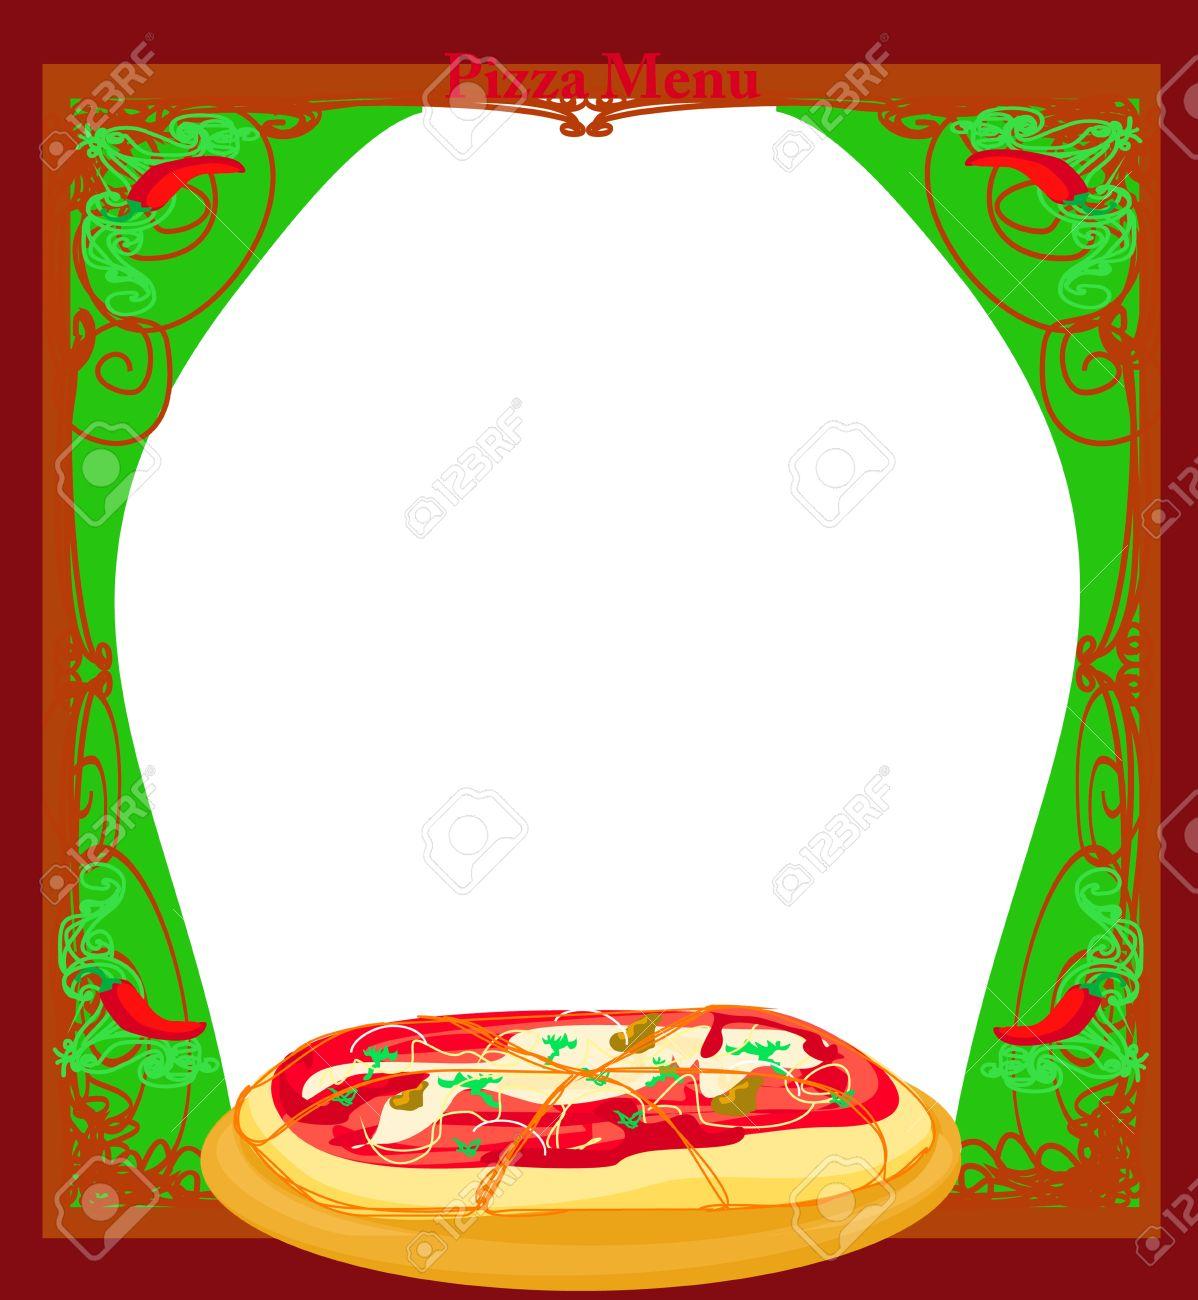 Pizza De Plantillas De Menú Ilustraciones Vectoriales, Clip Art ...